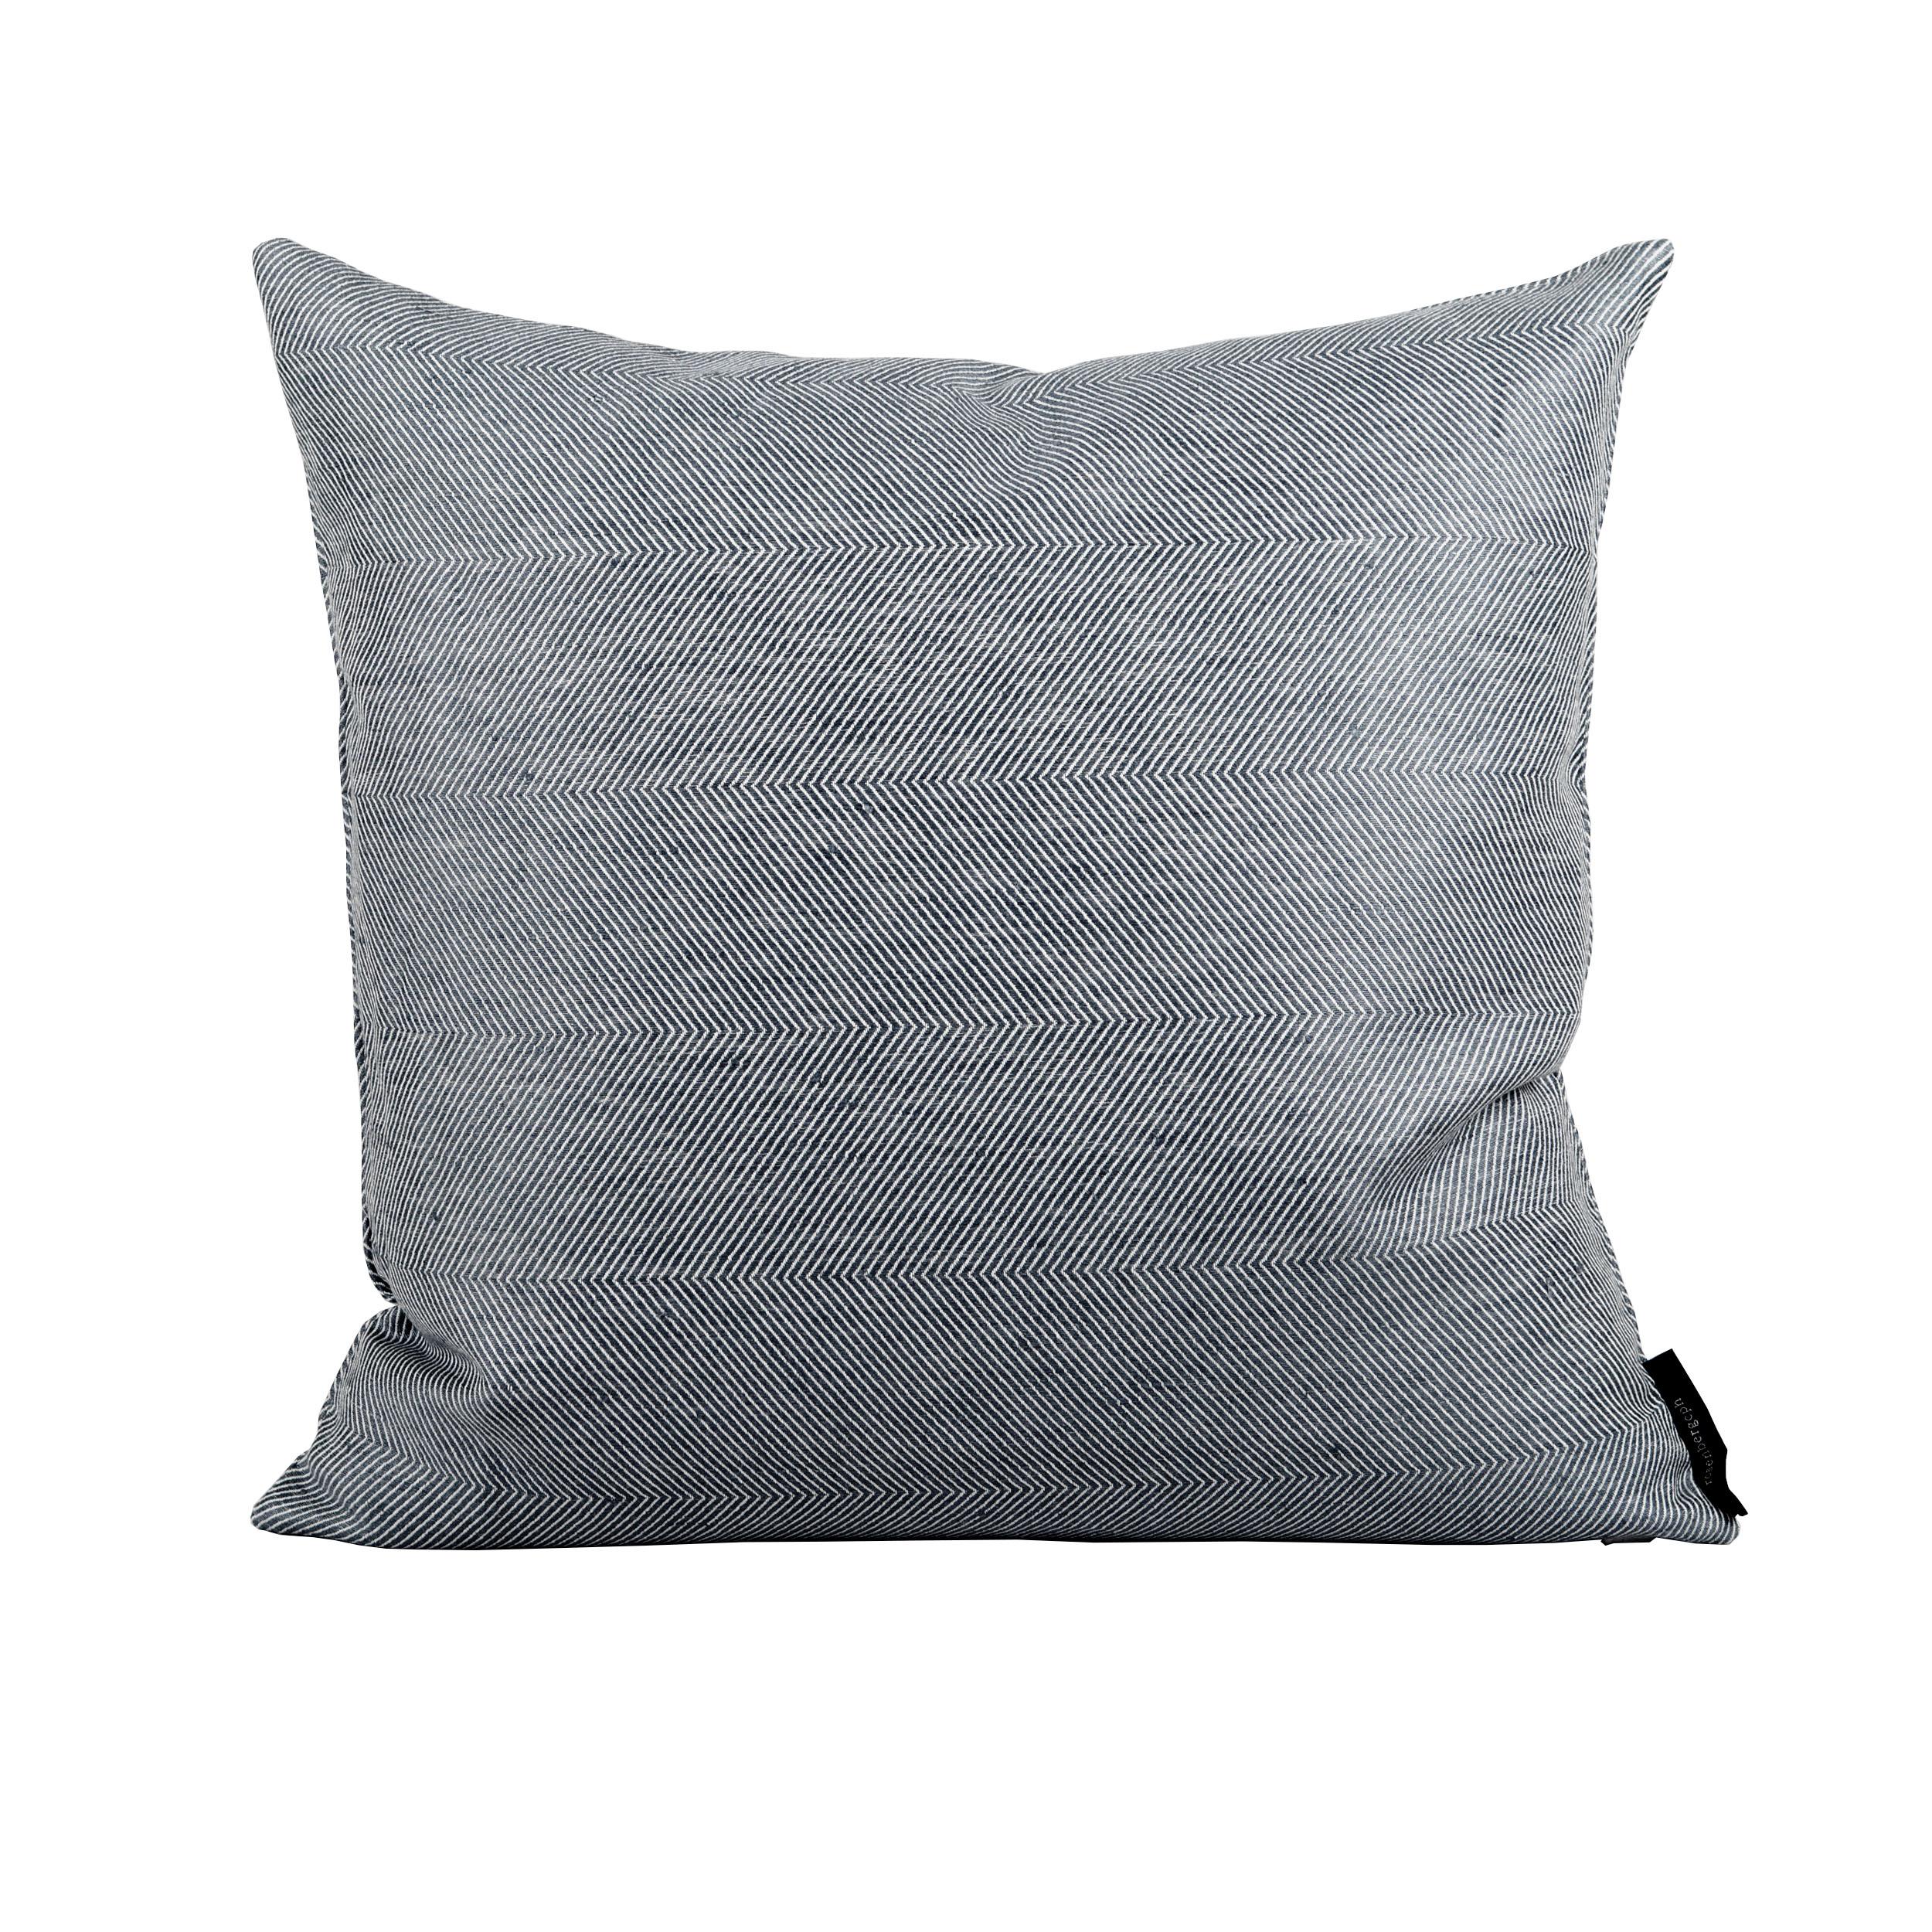 Square cushion linen/cotton indigo blue design by Anne Rosenberg, RosenbergCph